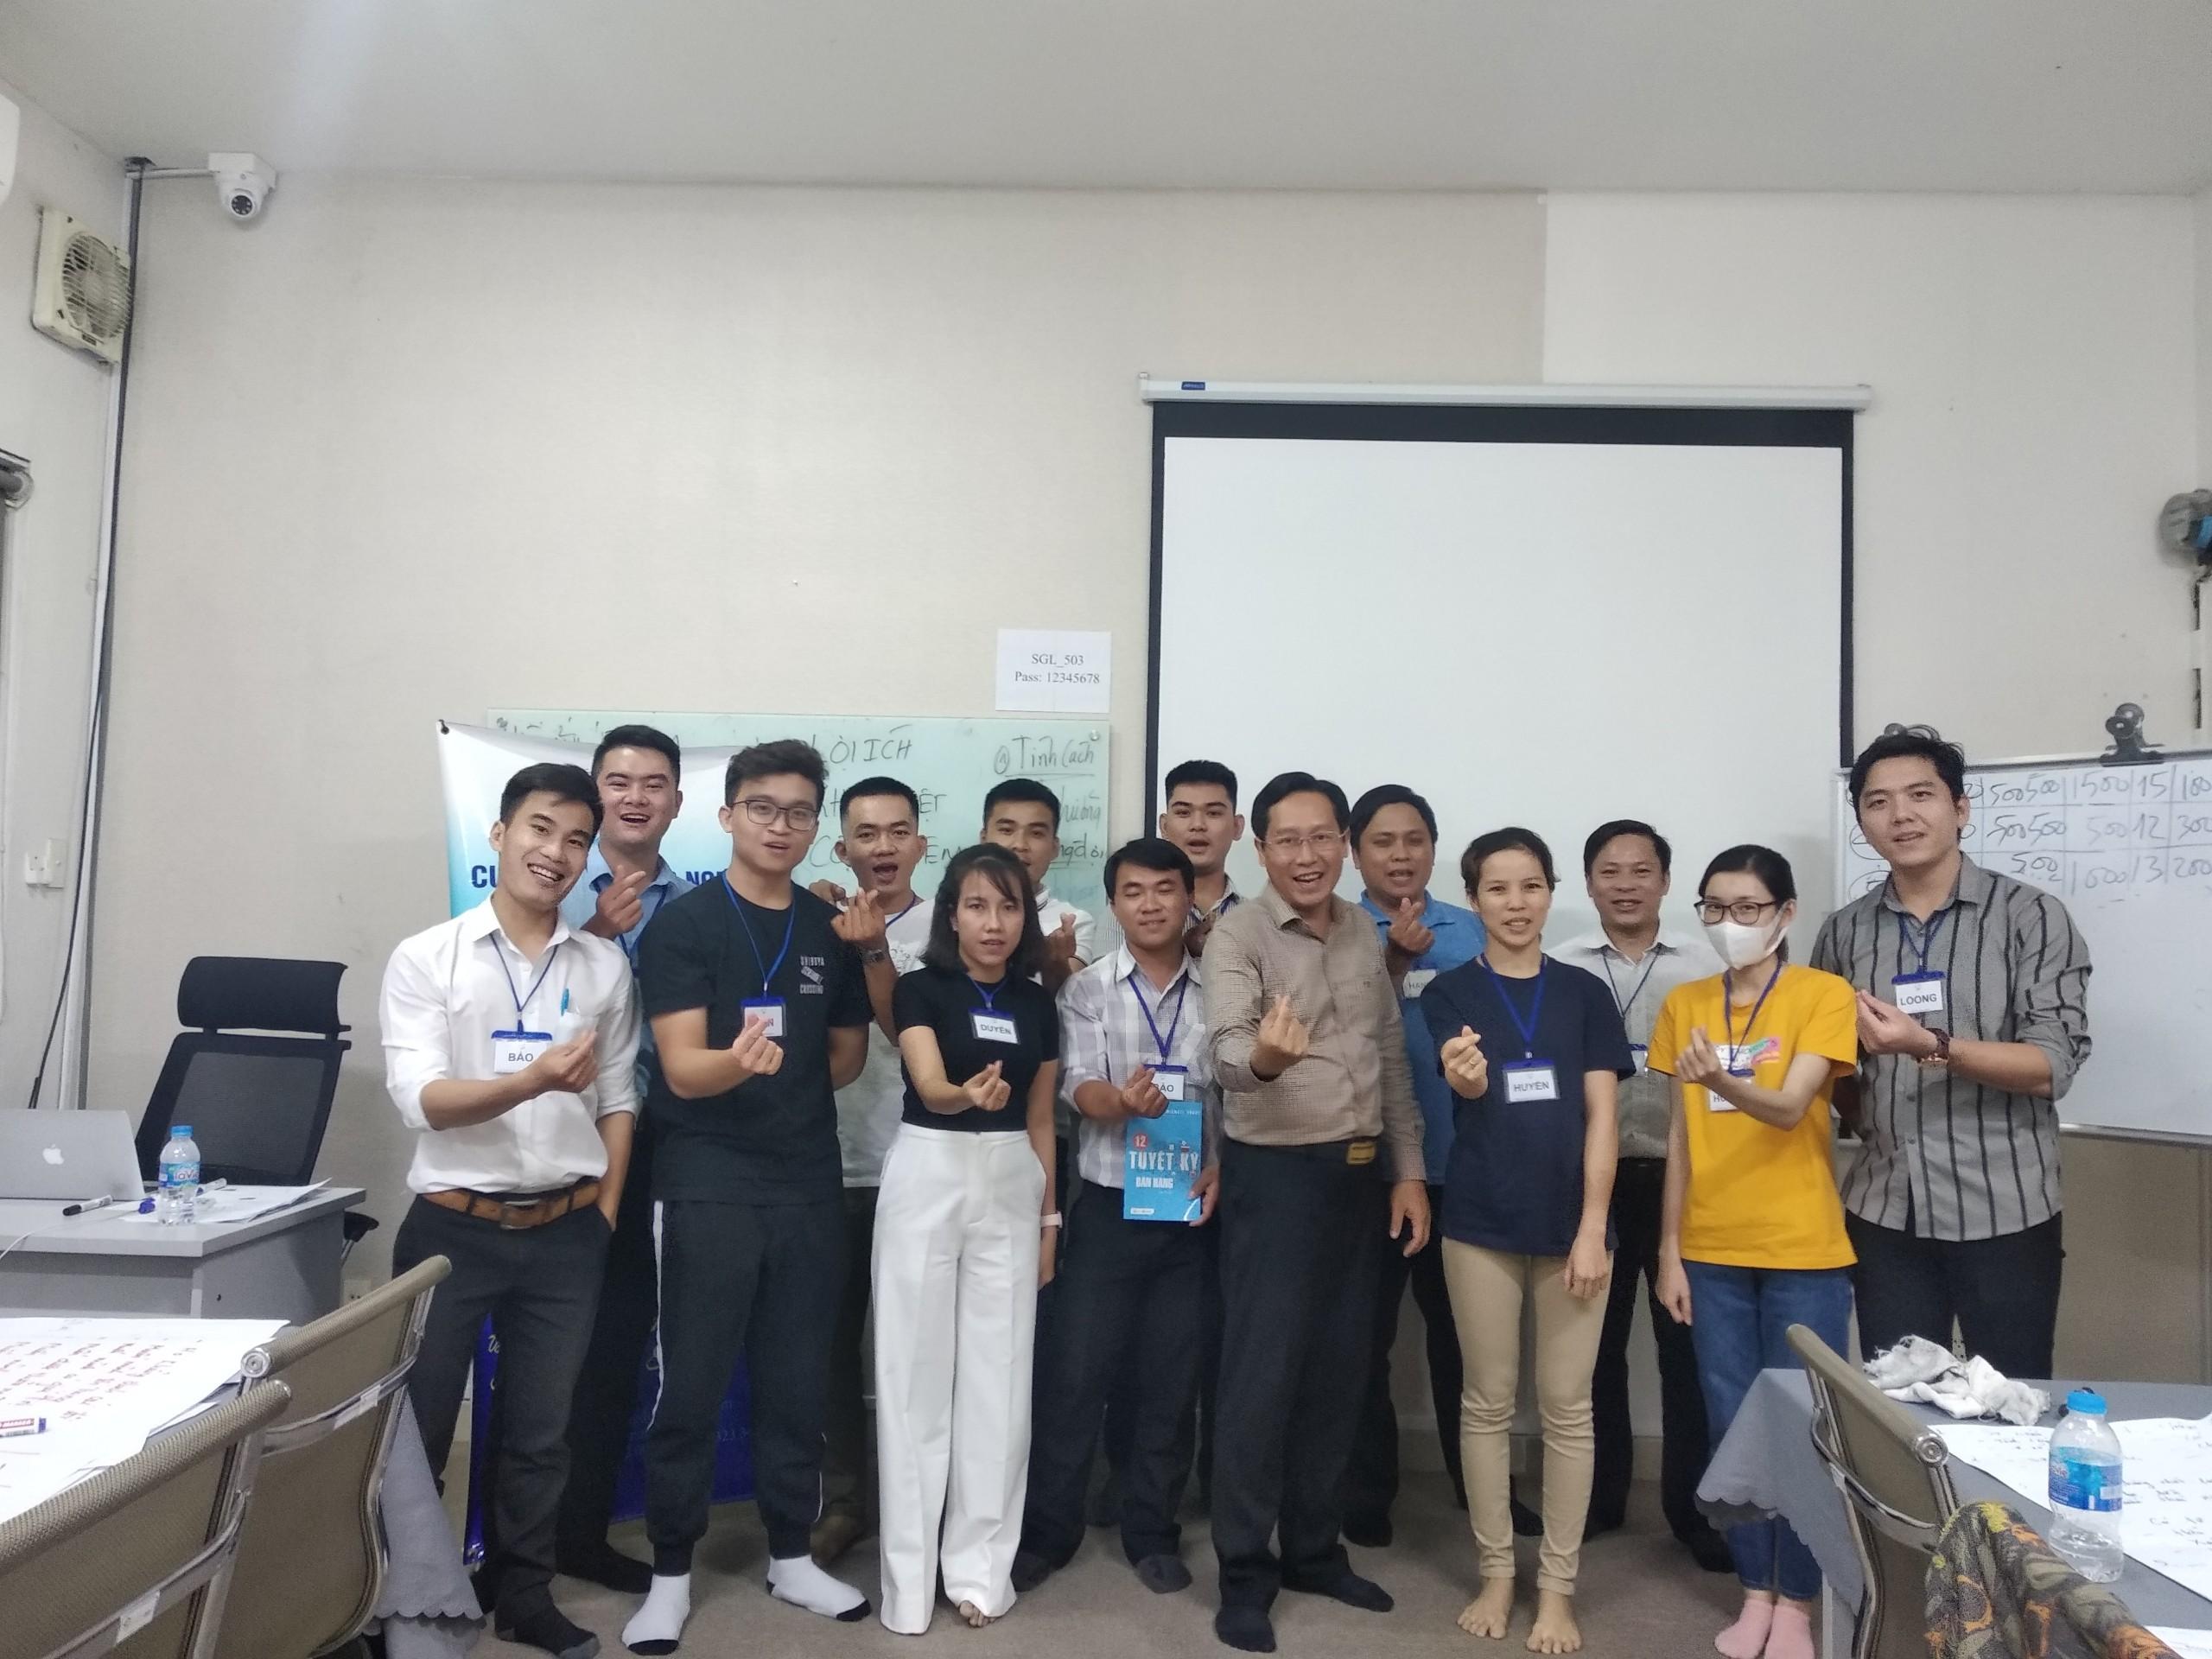 """Đào tạo public: """"kỹ năng giao tiếp bán hàng và CSKH hiệu quả"""" tại Hồ Chí Minh tháng 08"""